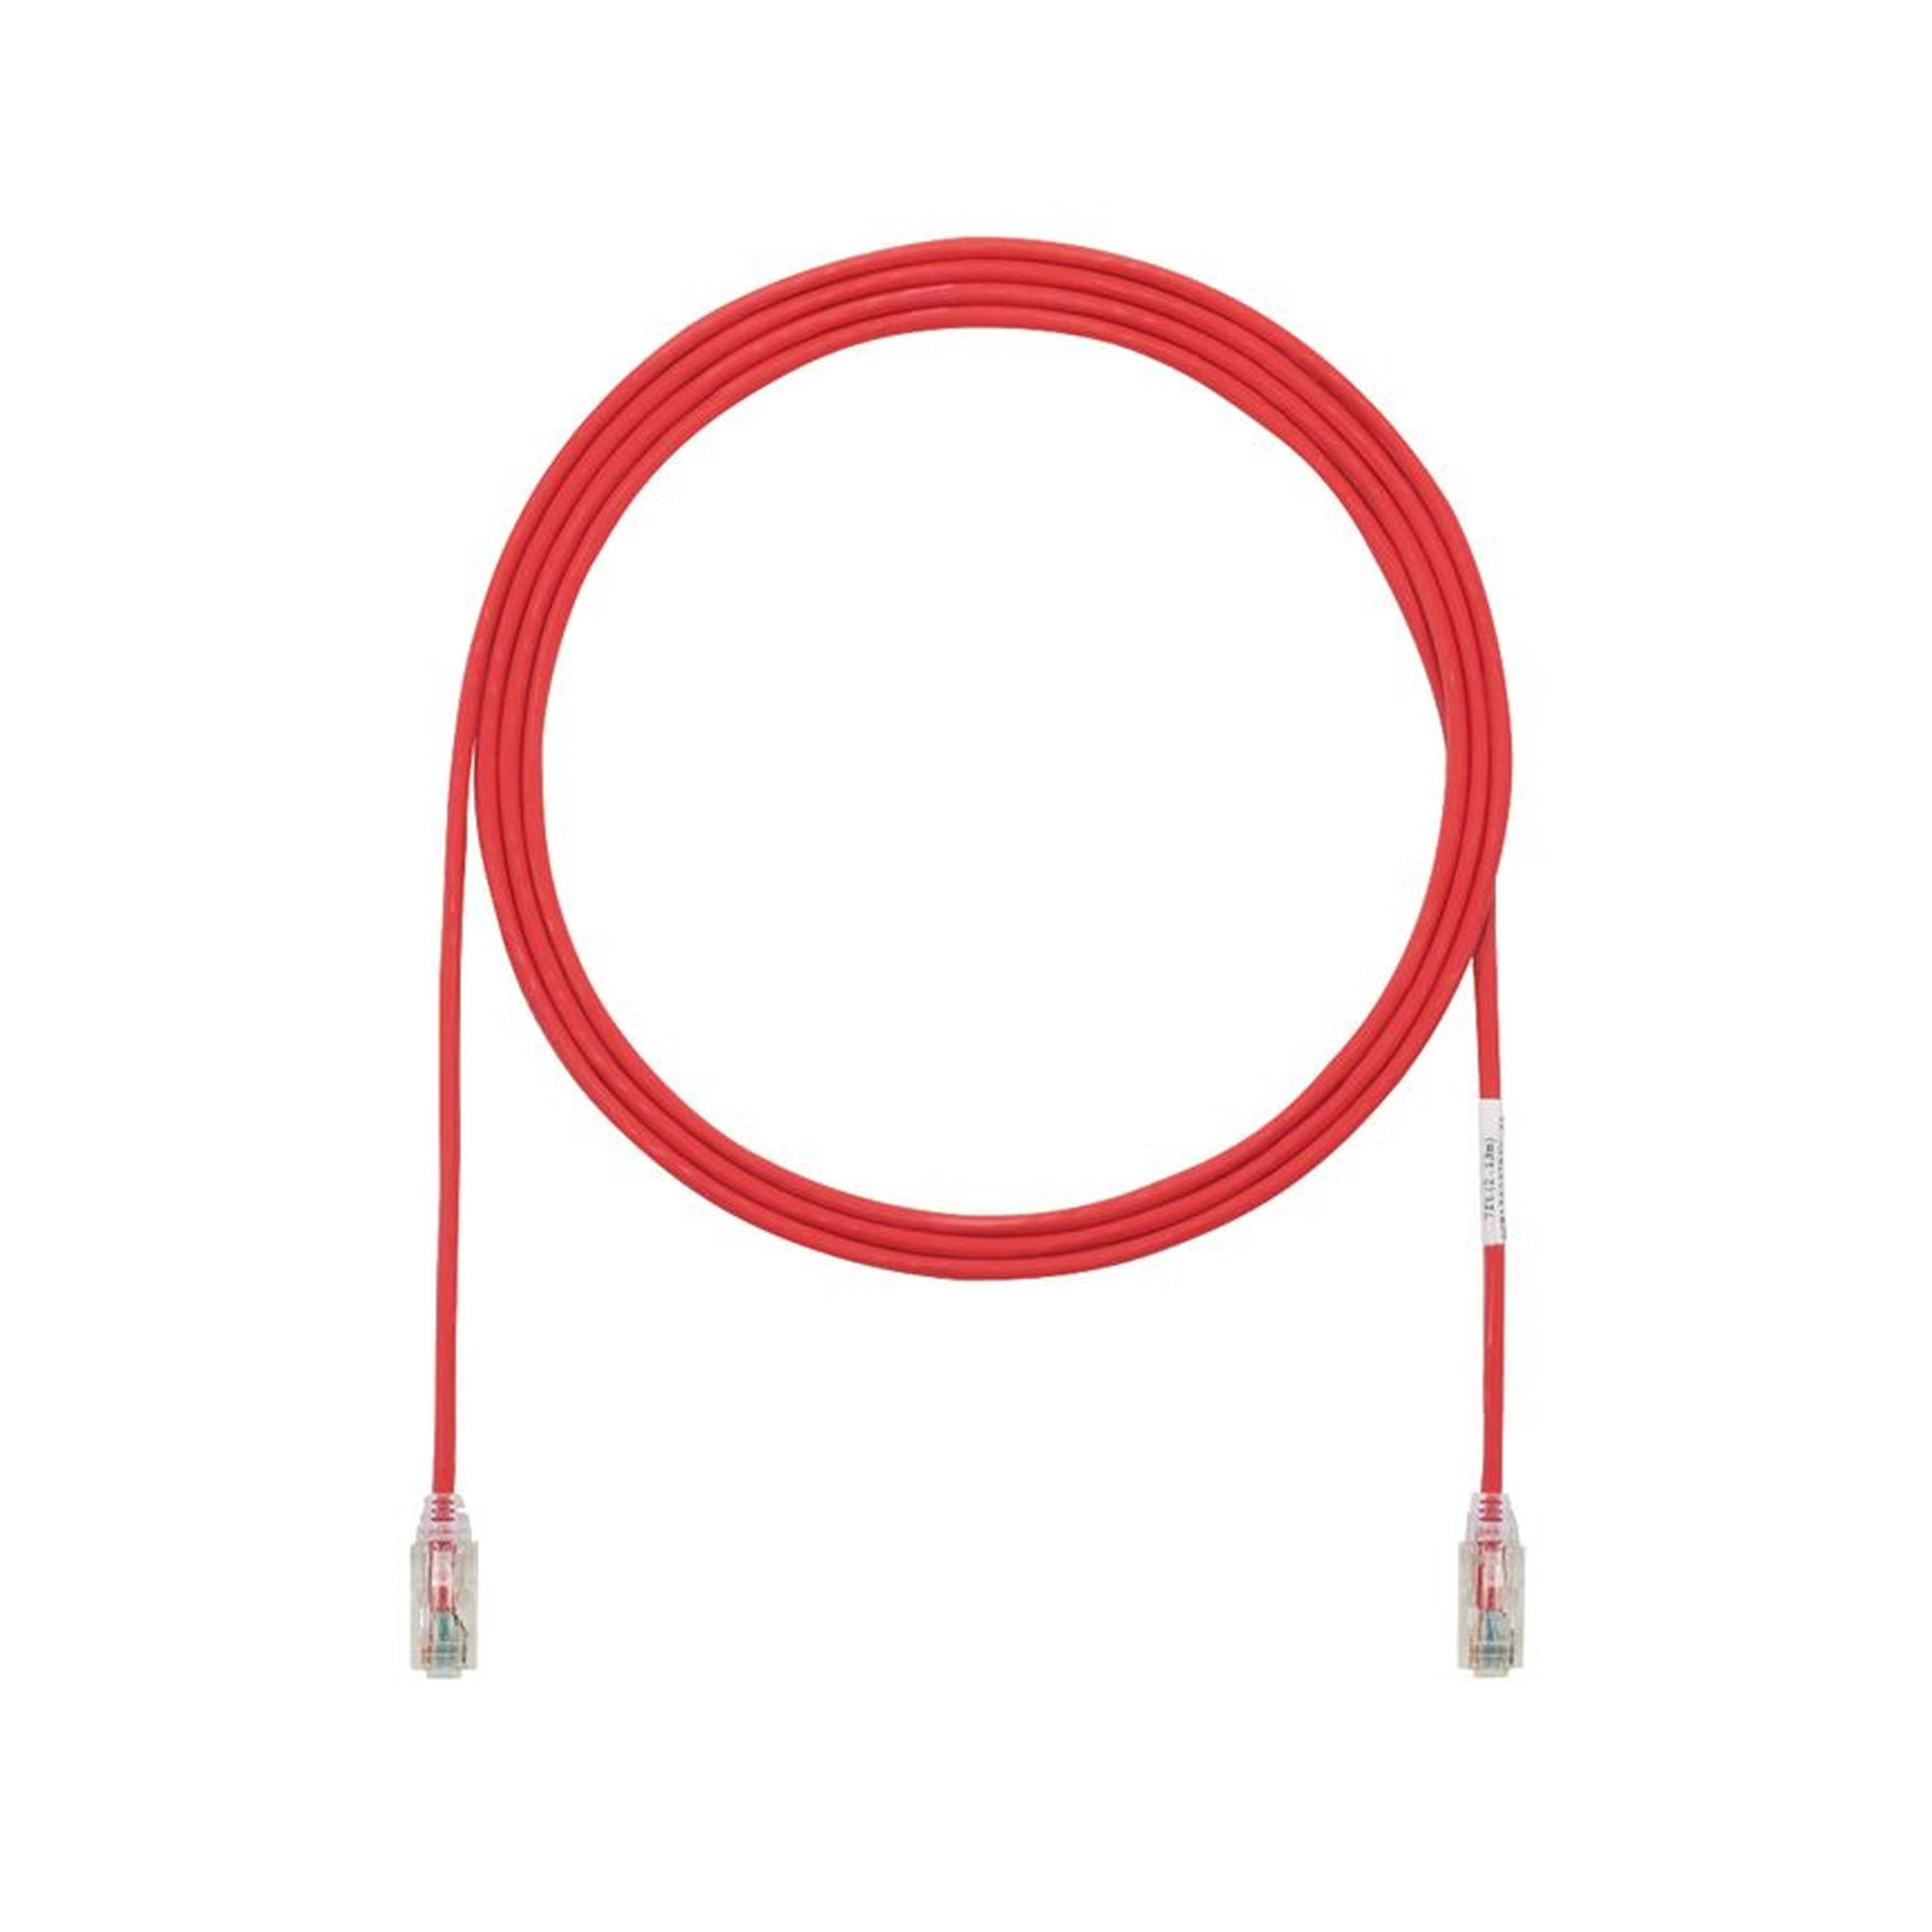 Cable de Parcheo TX6, UTP Cat6, Diámetro Reducido (28AWG), Color Rojo, 33ft